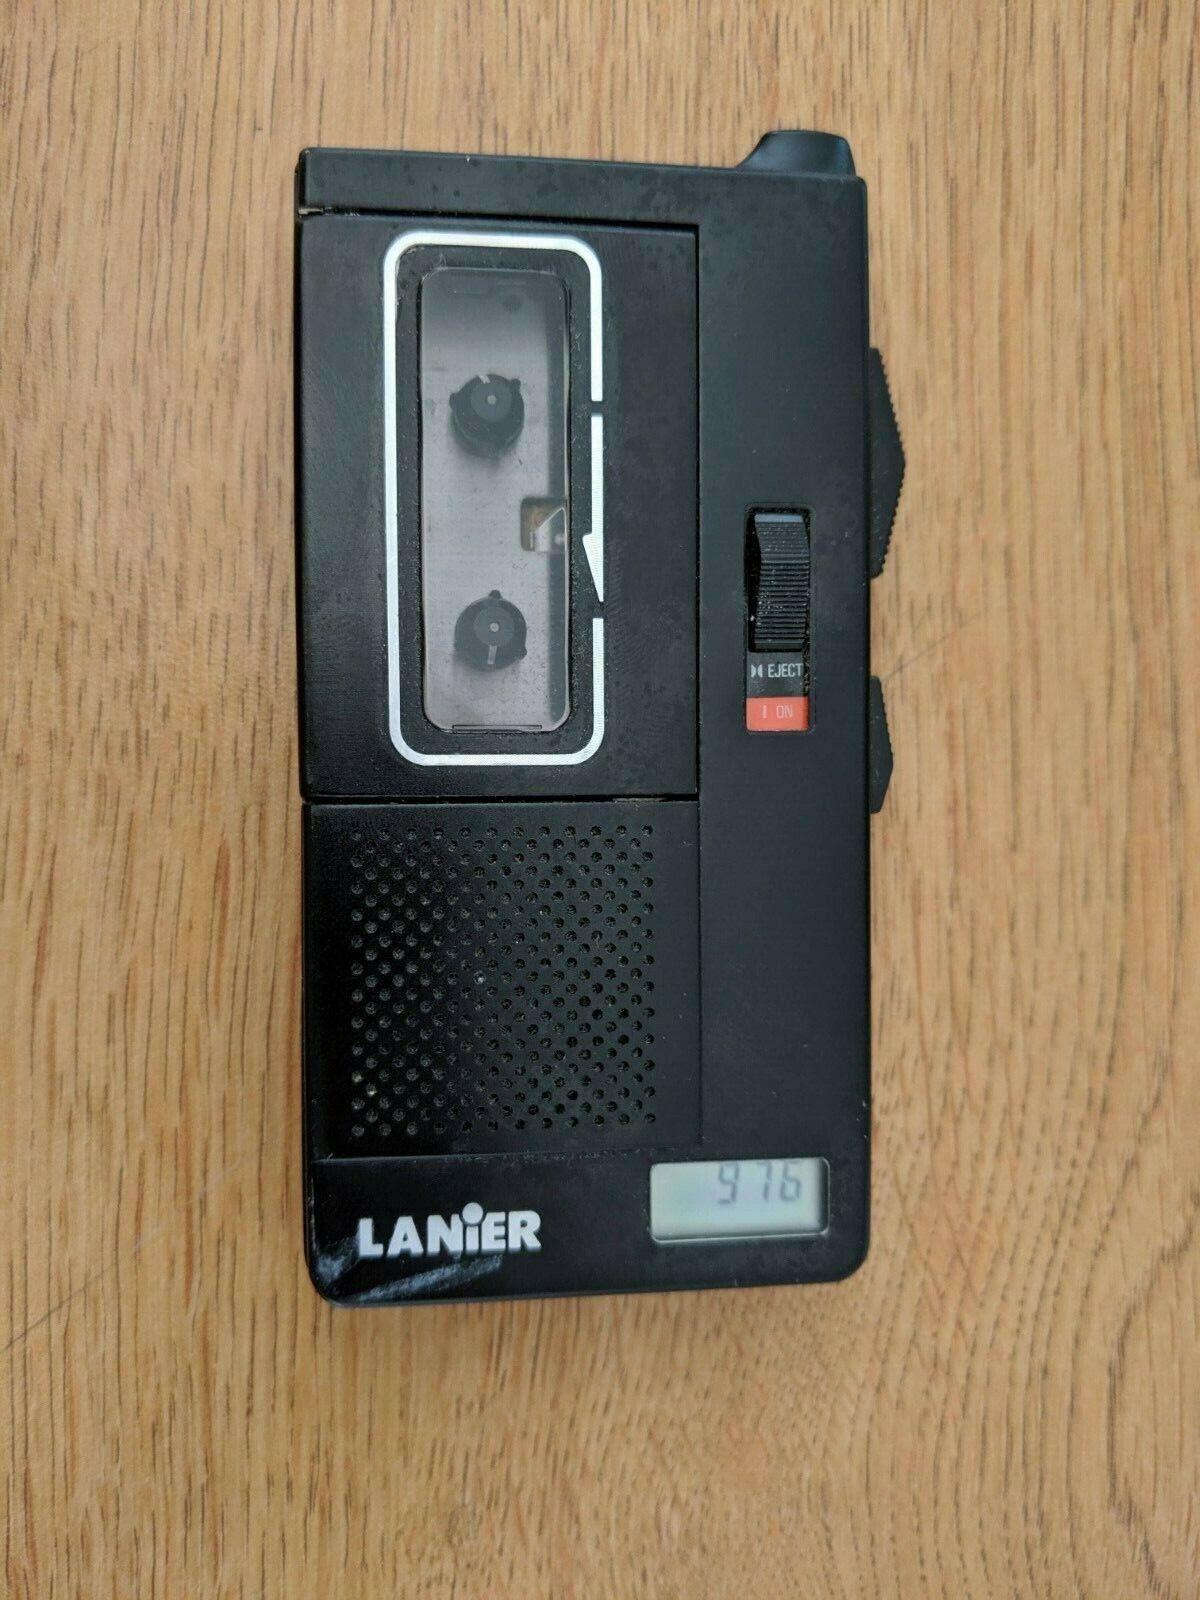 Lanier P-154 Micro Cassette Recorder